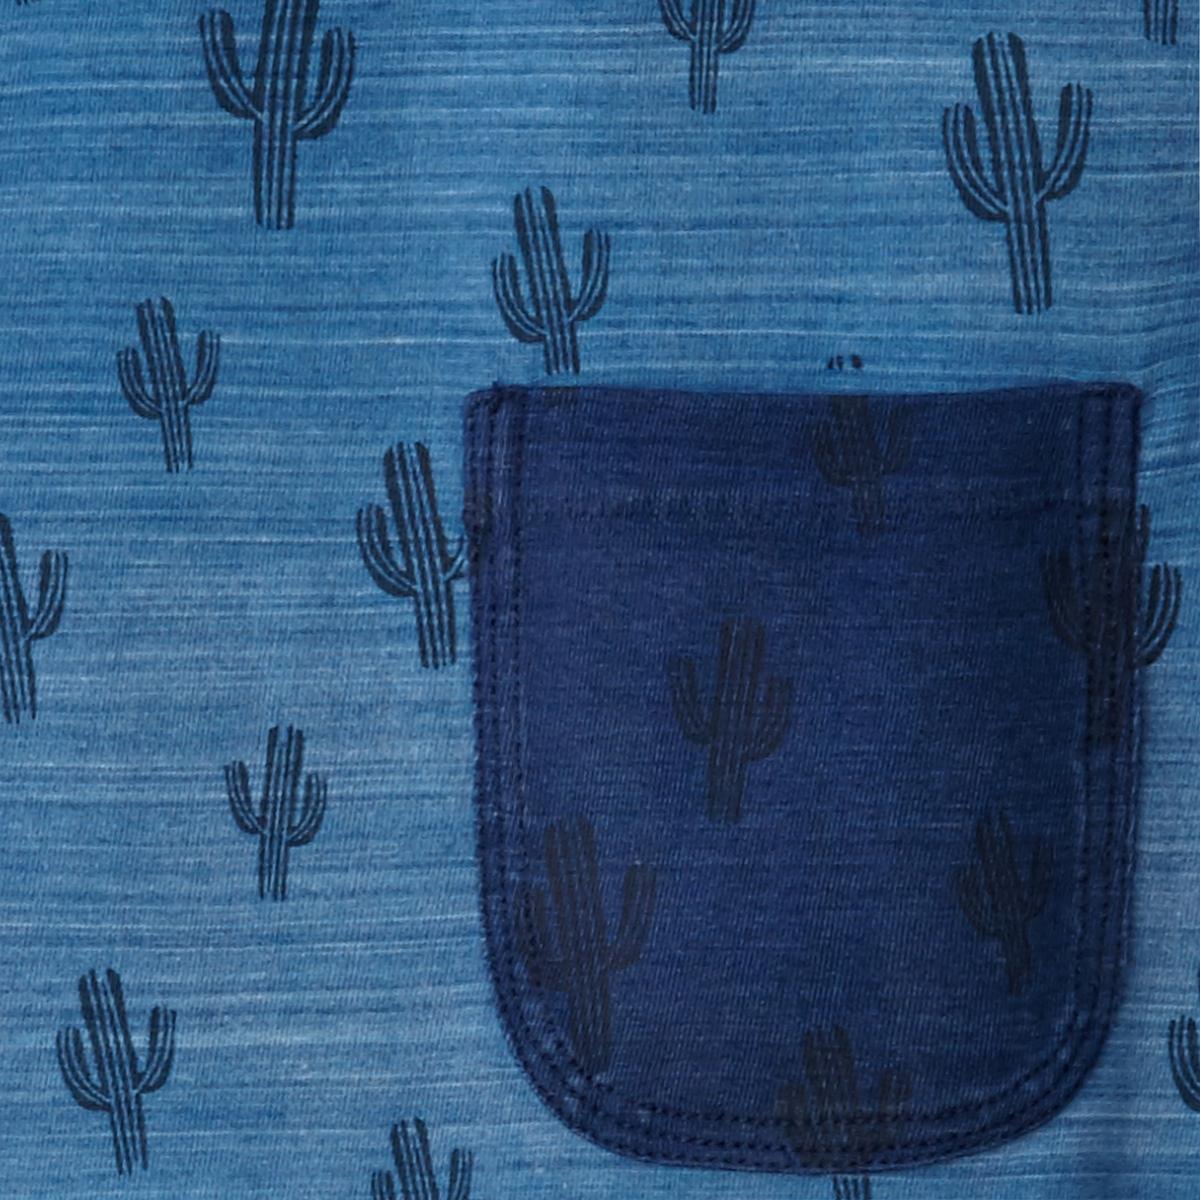 Футболка с рисункомФутболка с рисунком кактус от PETROL INDUSTRIES®- Прямой покрой- Круглый вырез- Сплошной рисунок- 1 нагрудный карман Состав и описание :Основной материал : 100% хлопок Марка : PETROL INDUSTRIES® Уход  :Следуйте рекомендациям, указанным на этикетке изделия.<br><br>Цвет: синий<br>Размер: XXL